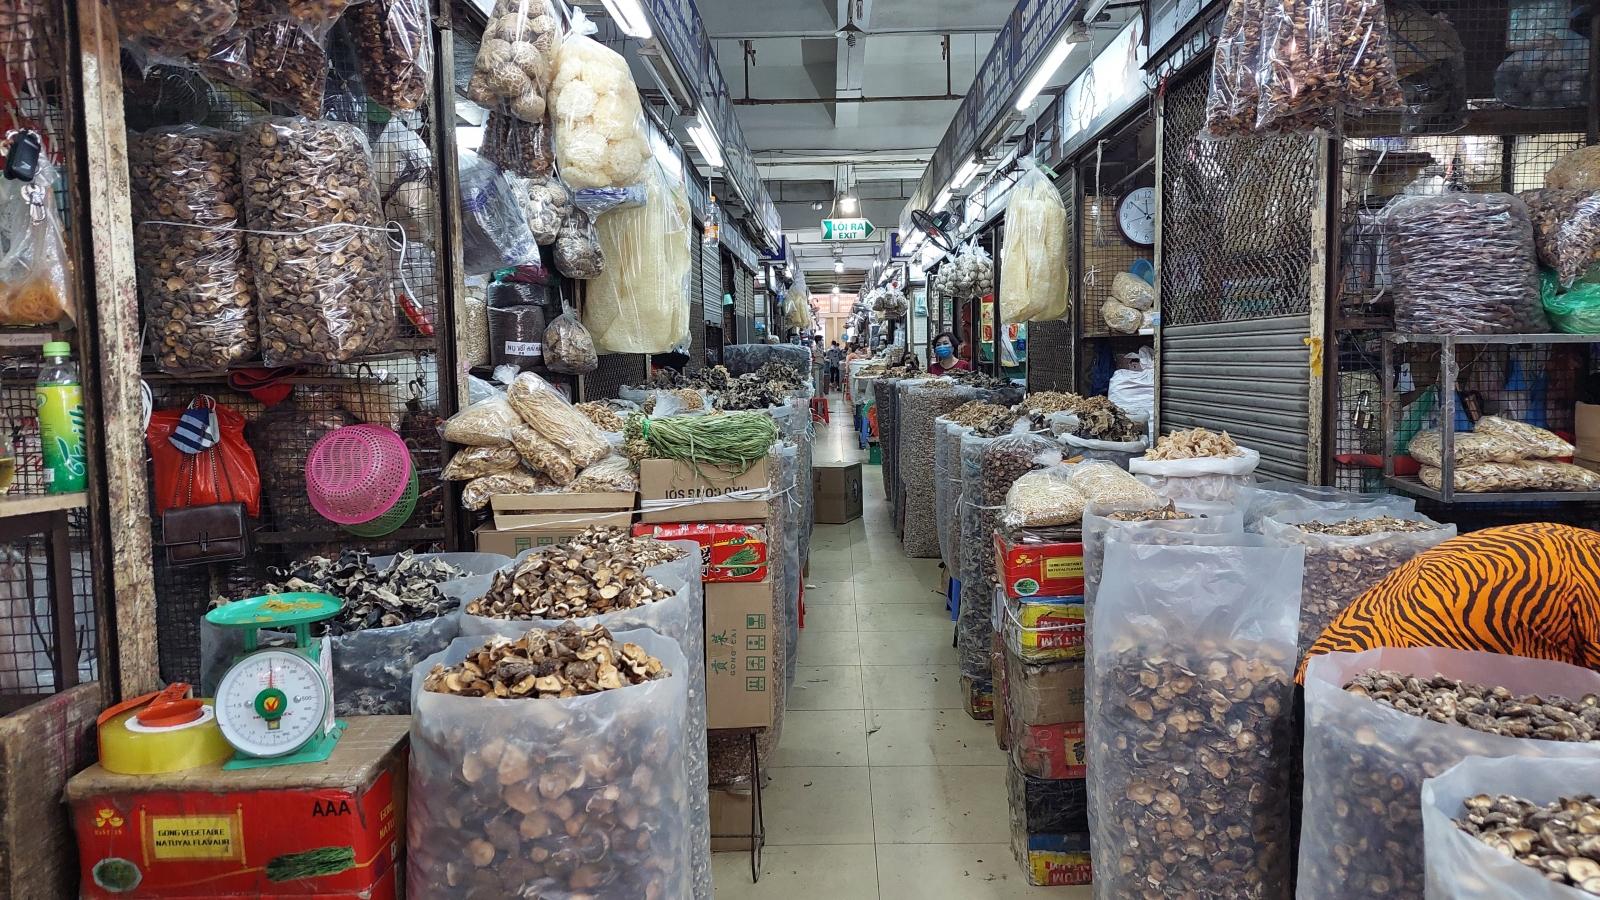 Hơn 2.100 gian hàng không thiết yếu ở chợ Đồng Xuân đóng cửa để phòng dịch